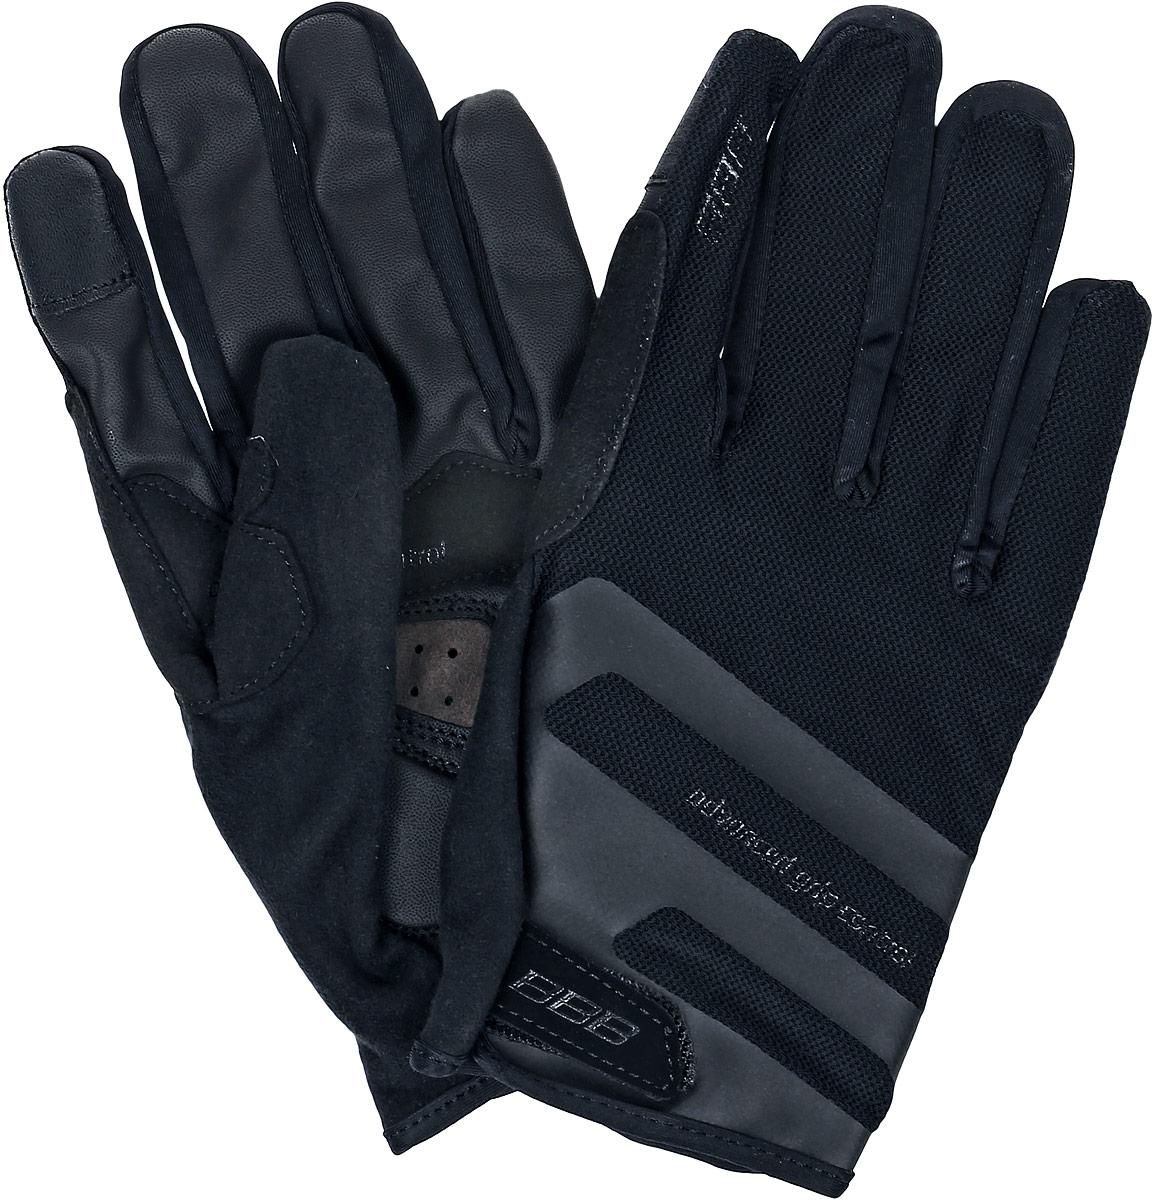 Перчатки велосипедные BBB AirZone, цвет: черный. Размер MBBW-50Когда трейлы накаляются от зноя, перчатки Airzone - ваш лучший выбор. Эти перчатки с длинными пальцами снабжены тыльной стороной из сетчатого материала и вентилируемой ладонью с полиуретановыми вставками для крепкого хвата. Гелевые вставки предупреждают усталость и защищают при падениях. Большой и указательный пальцы дополнительно защищены материалом Clarino.Сетчатая структура верхней части обеспечивает хорошую вентиляцию. Такие перчатки идеальны при эксплуатации в условиях высоких температур. Тыльная сторона из сетчатого материала Airmesh. Перфорированная ладонь с вставками из полиуретана для надёжного хвата.Манжета анатомического кроя дополнена застёжкой-липучкой. Состав: 28% полиамид, 24% полиуретан, 21% полиэстер, 15% эластан, 12% полиэтилен.